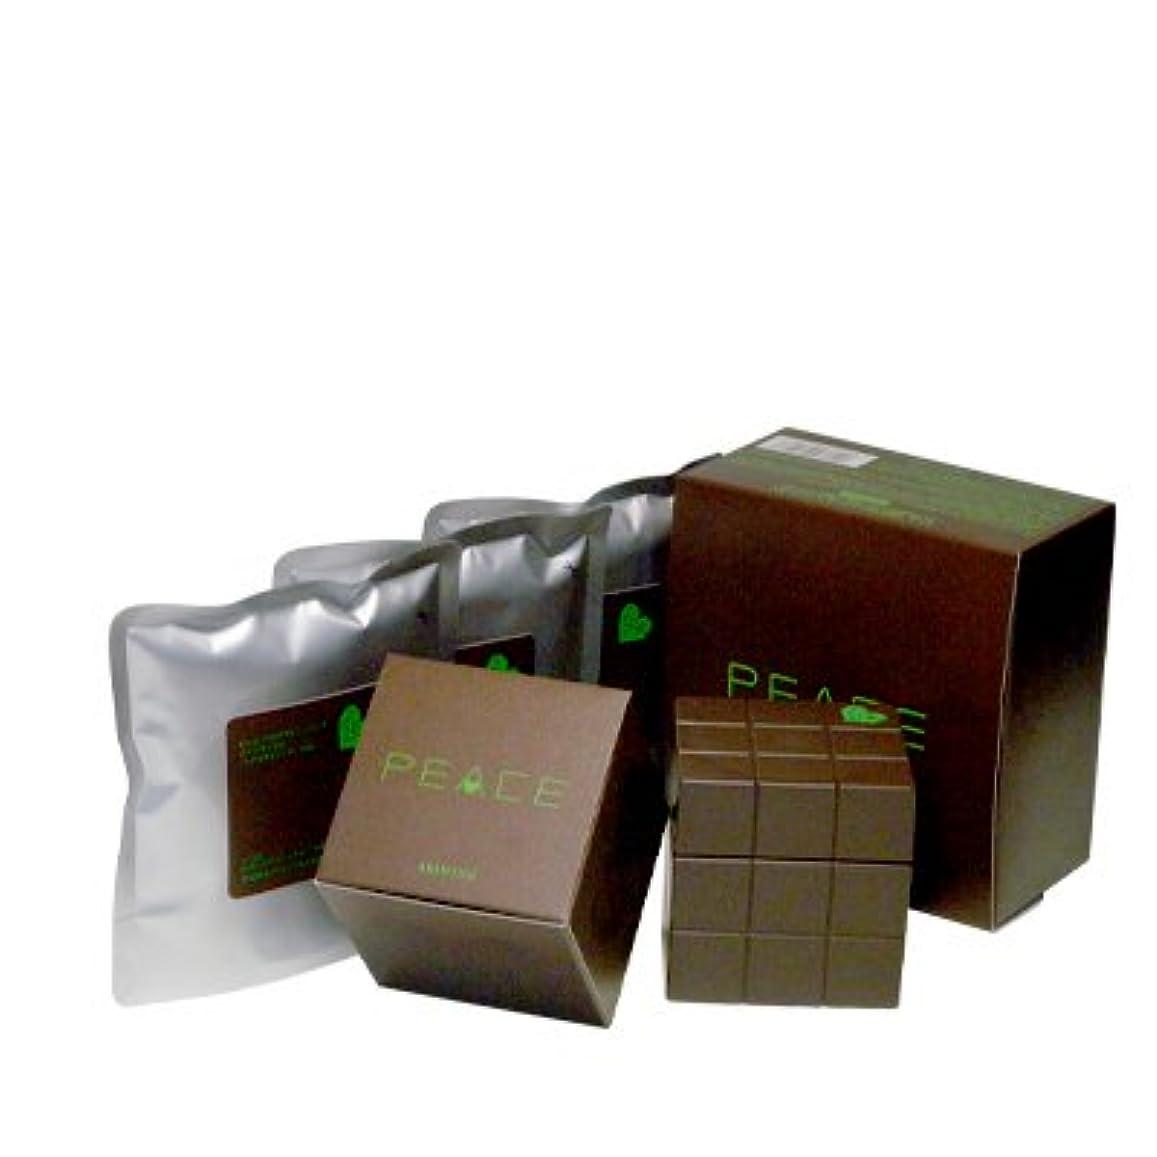 平らな落ち着いた入場アリミノ ピース プロデザインシリーズ ハードワックス チョコ80g+詰め替え80g×3